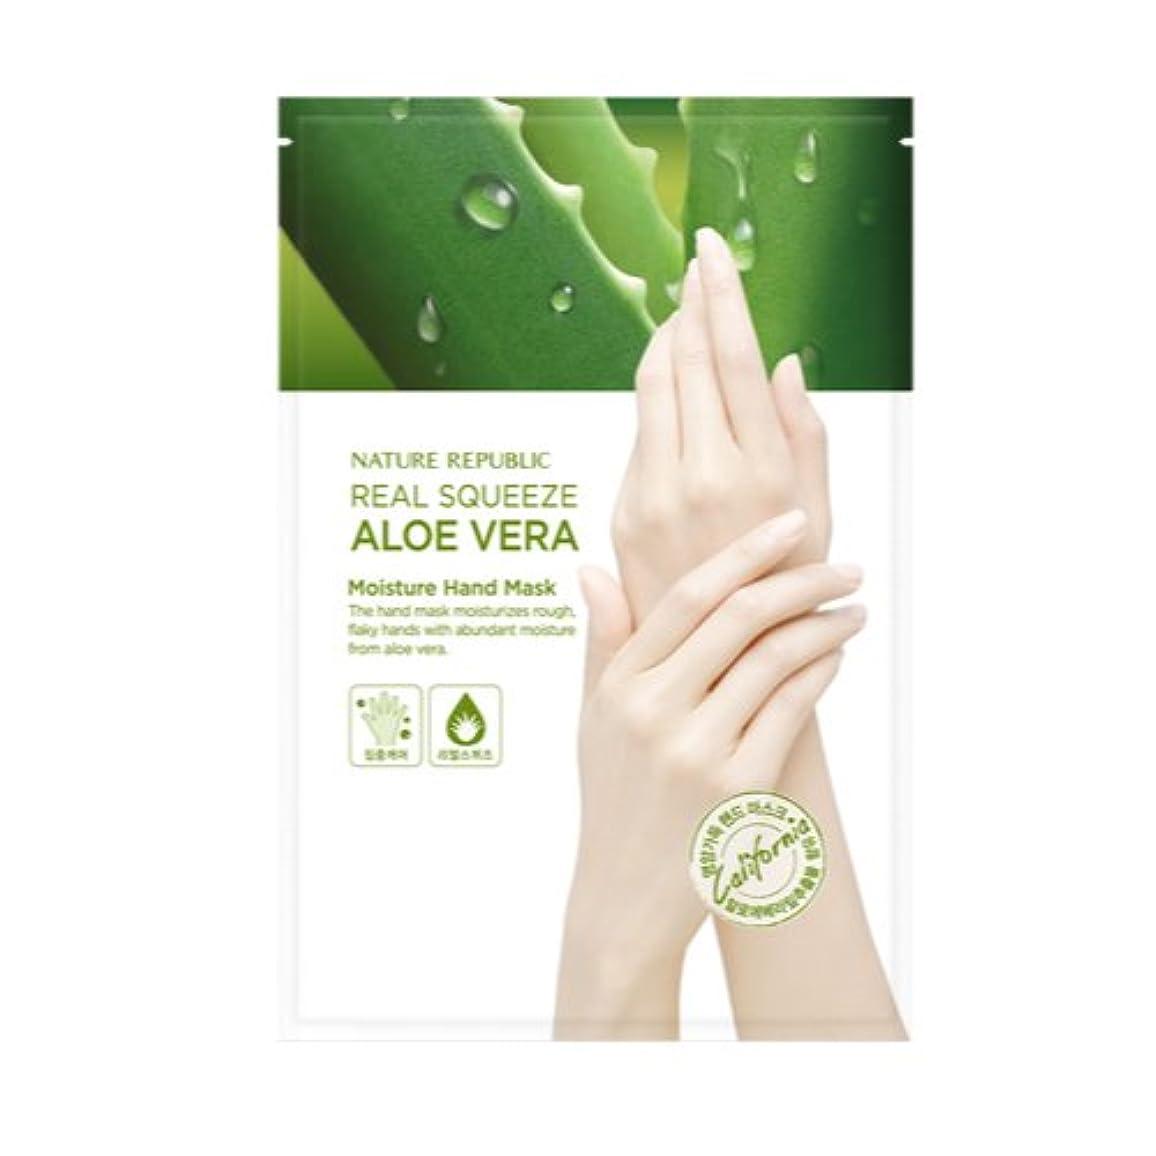 アーティスト支援する話[ネイチャーリパブリック] Nature republicリアルスクイズアロエベラモイスチャーハンドマスク(2枚入1回分)海外直送品(Real Squeeze Aloe Vera Moisture Hand Mask)...